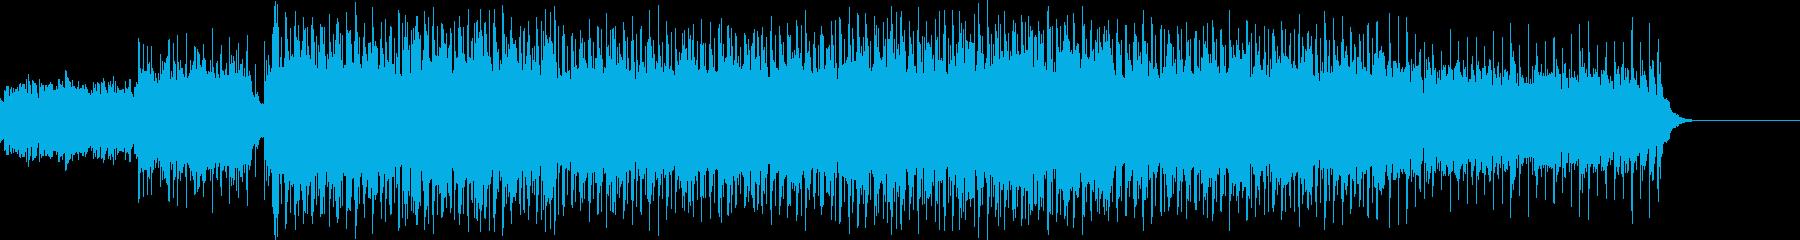 アップテンポでポップなインスト曲の再生済みの波形